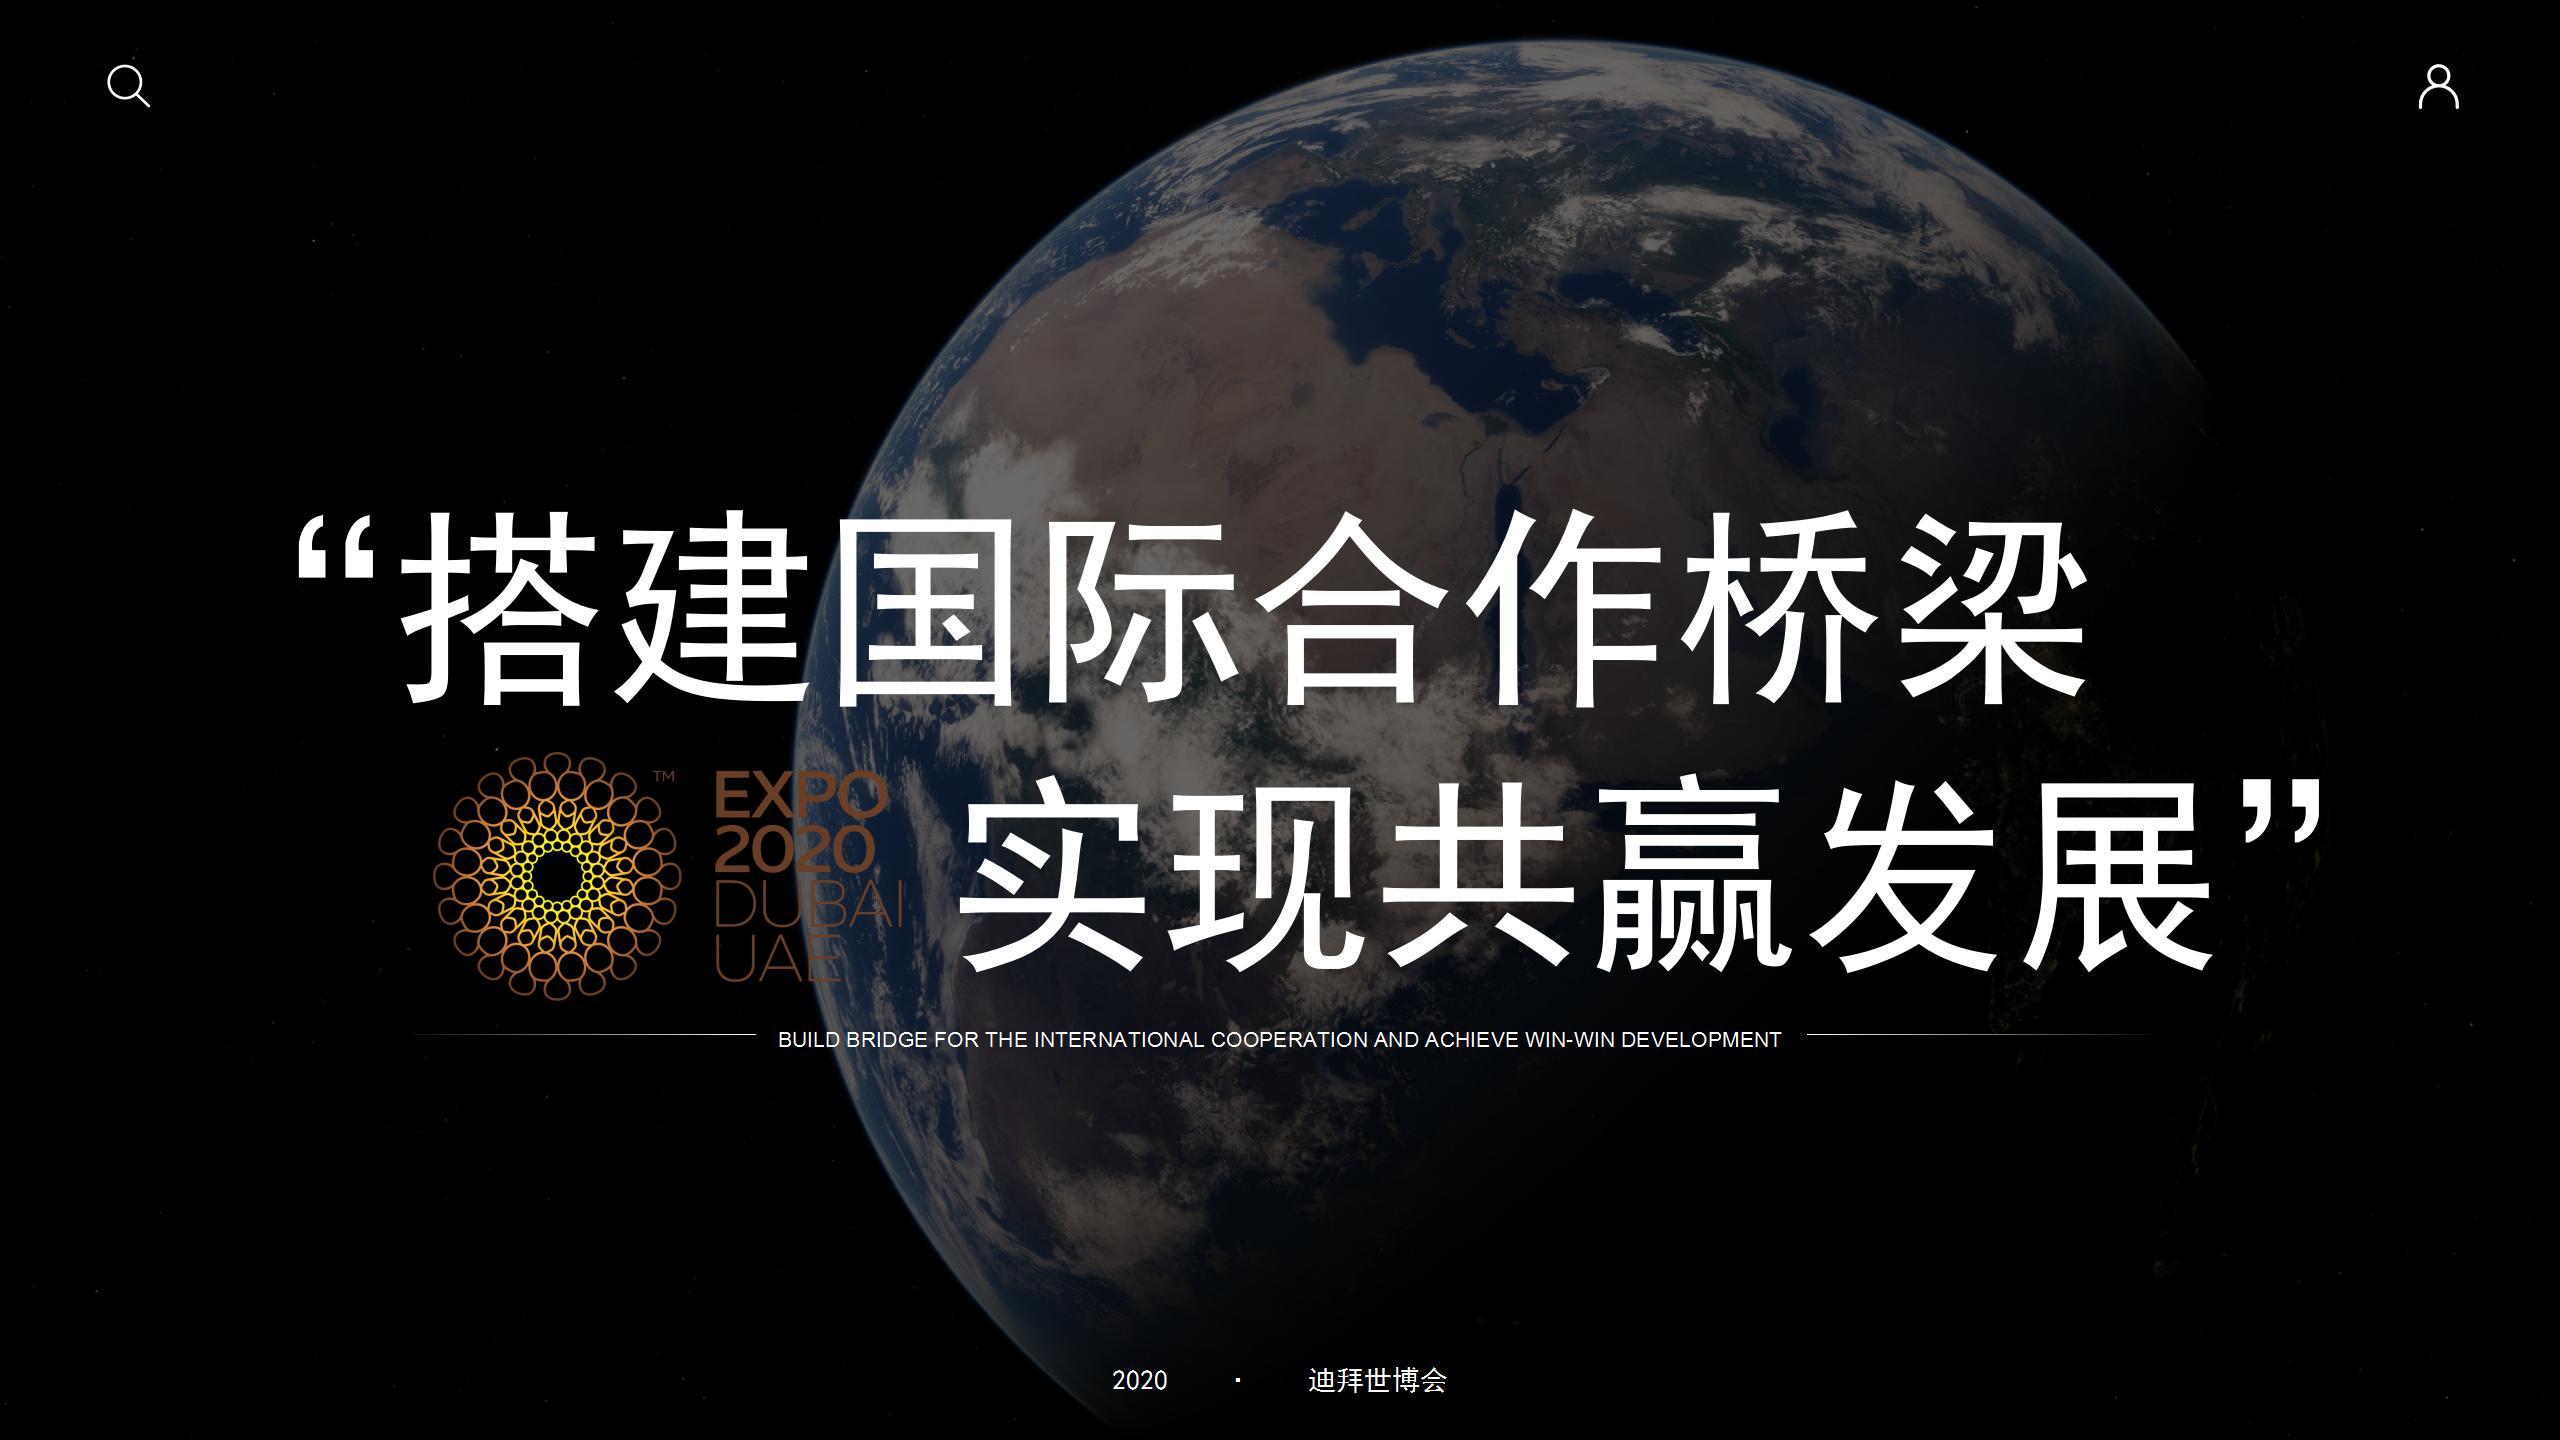 食品餐饮行业年会总结大红色中国风动态ppt制作专业撰写咨询价